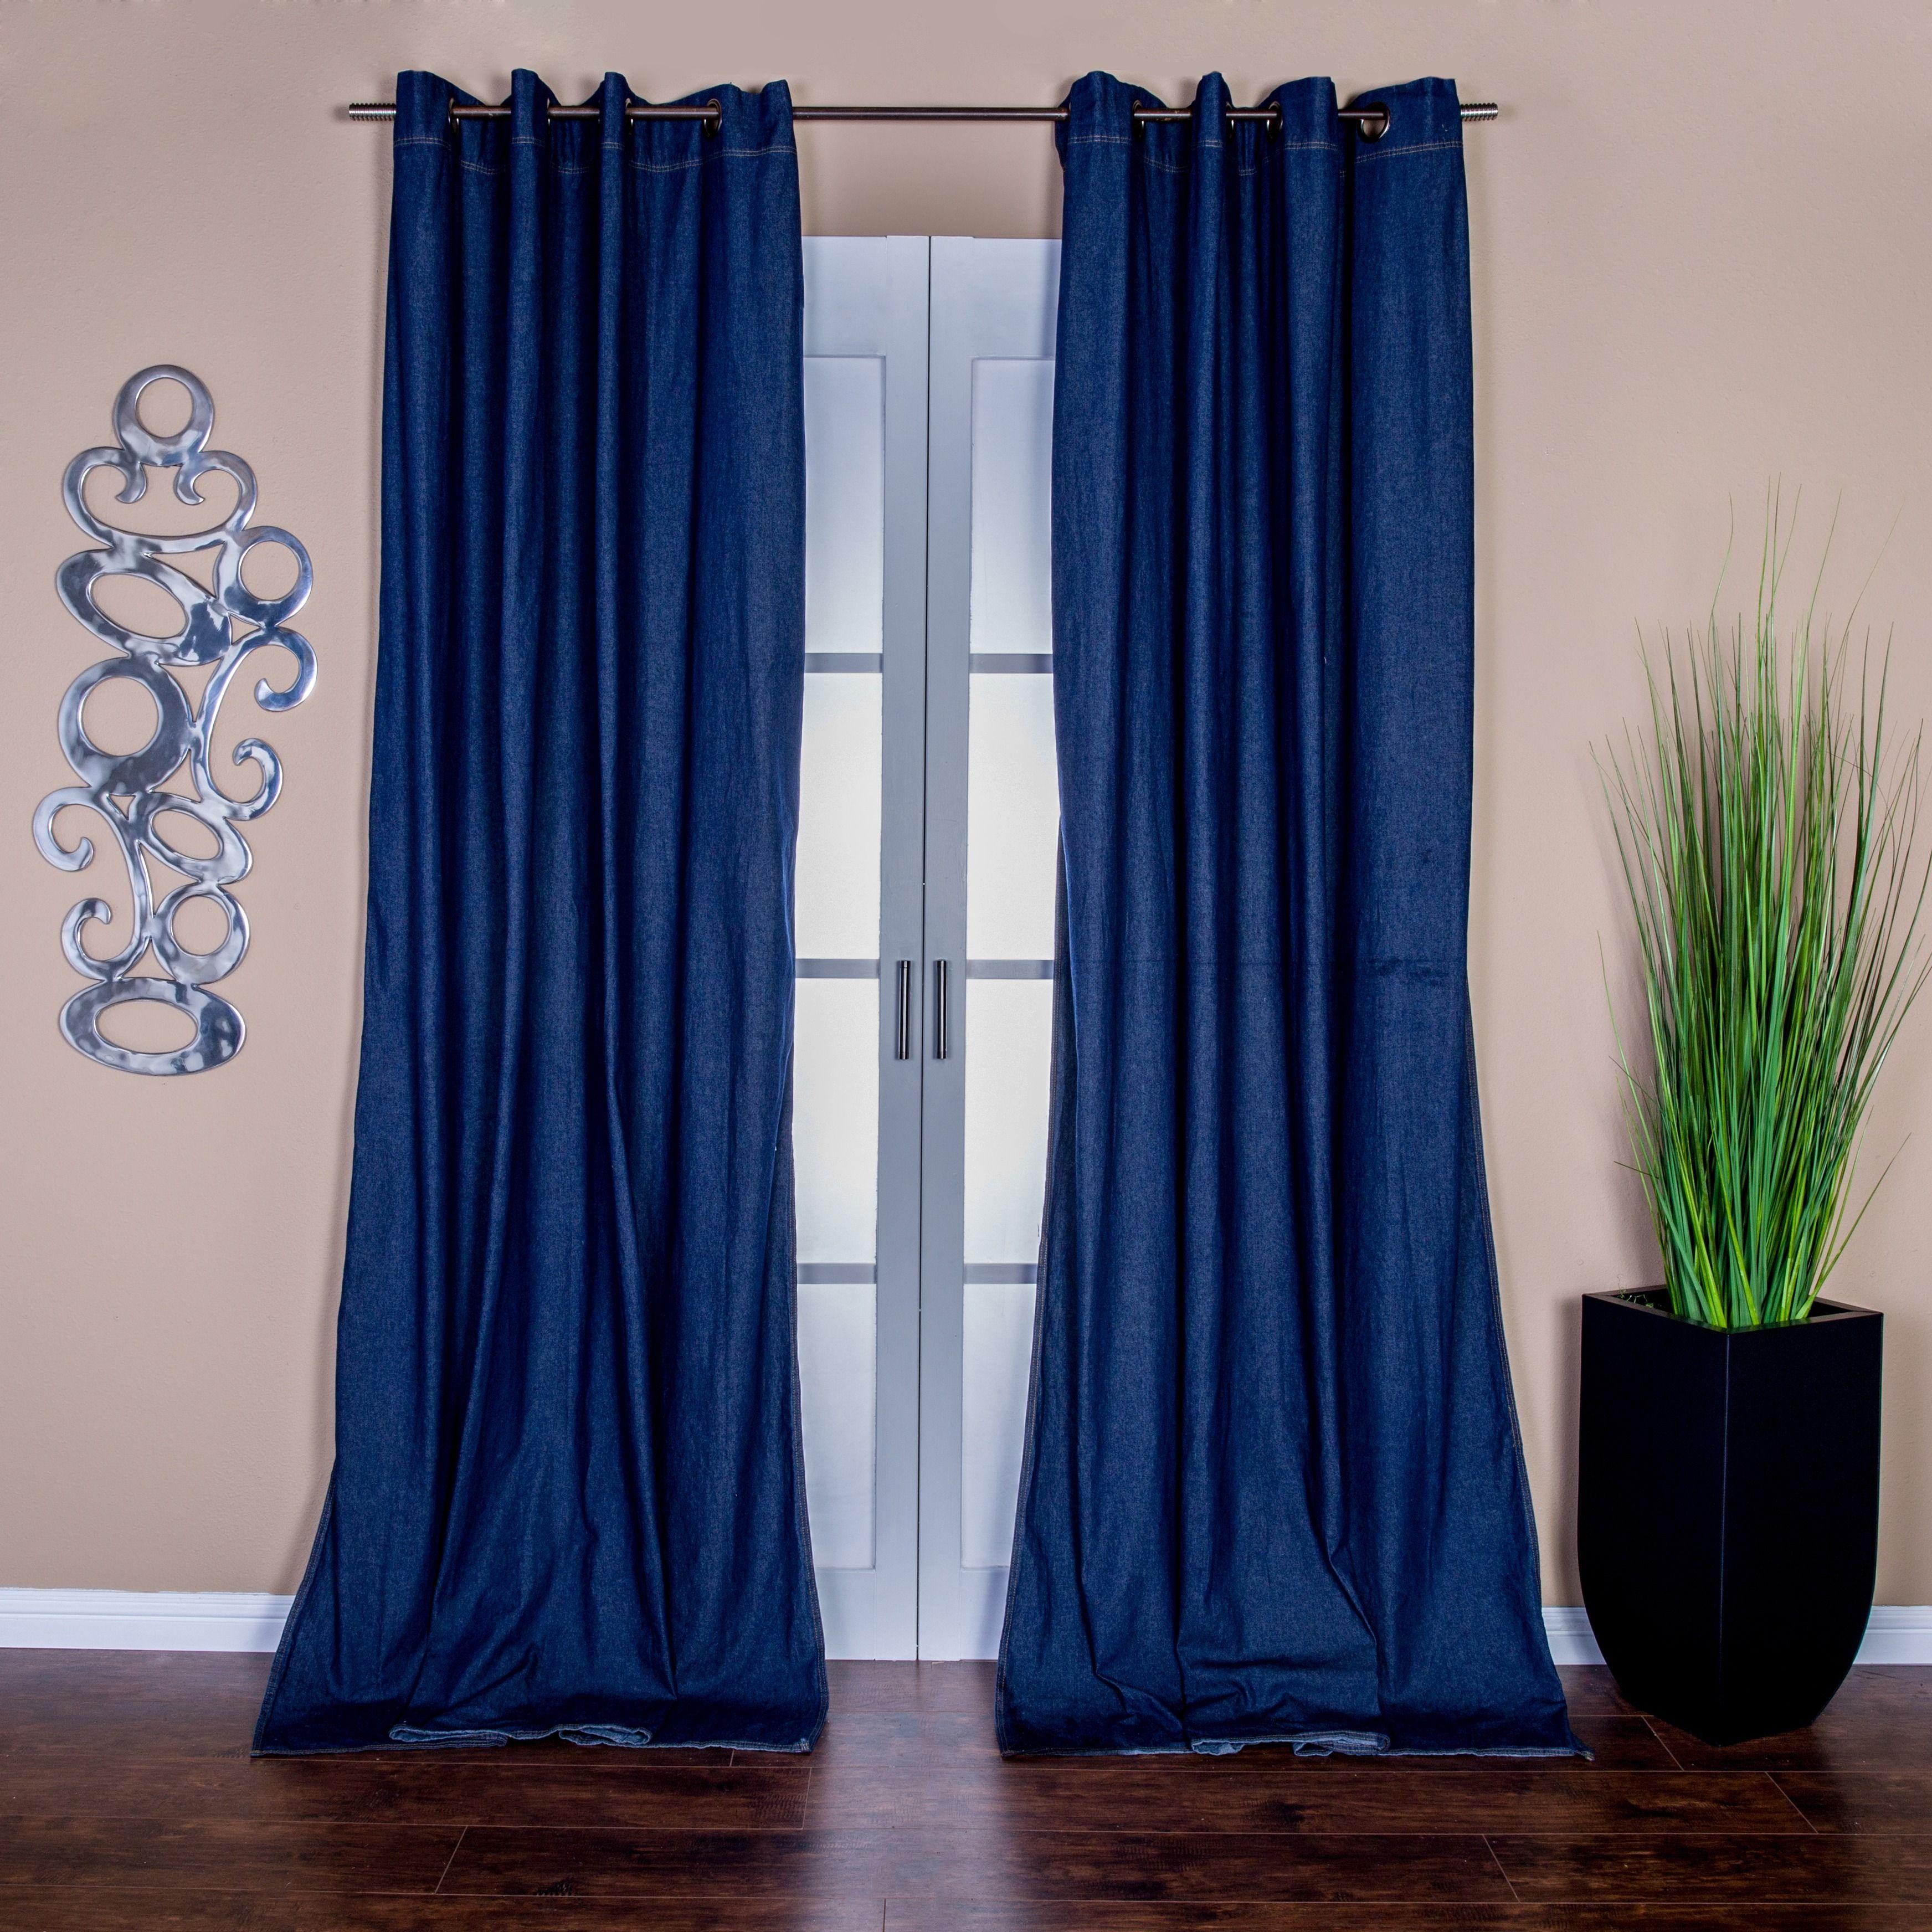 Cobalt blue curtain panels - Lambrequin Capri Denim Grommet Top 96 Inch Curtain Panel Pair Indigo 108